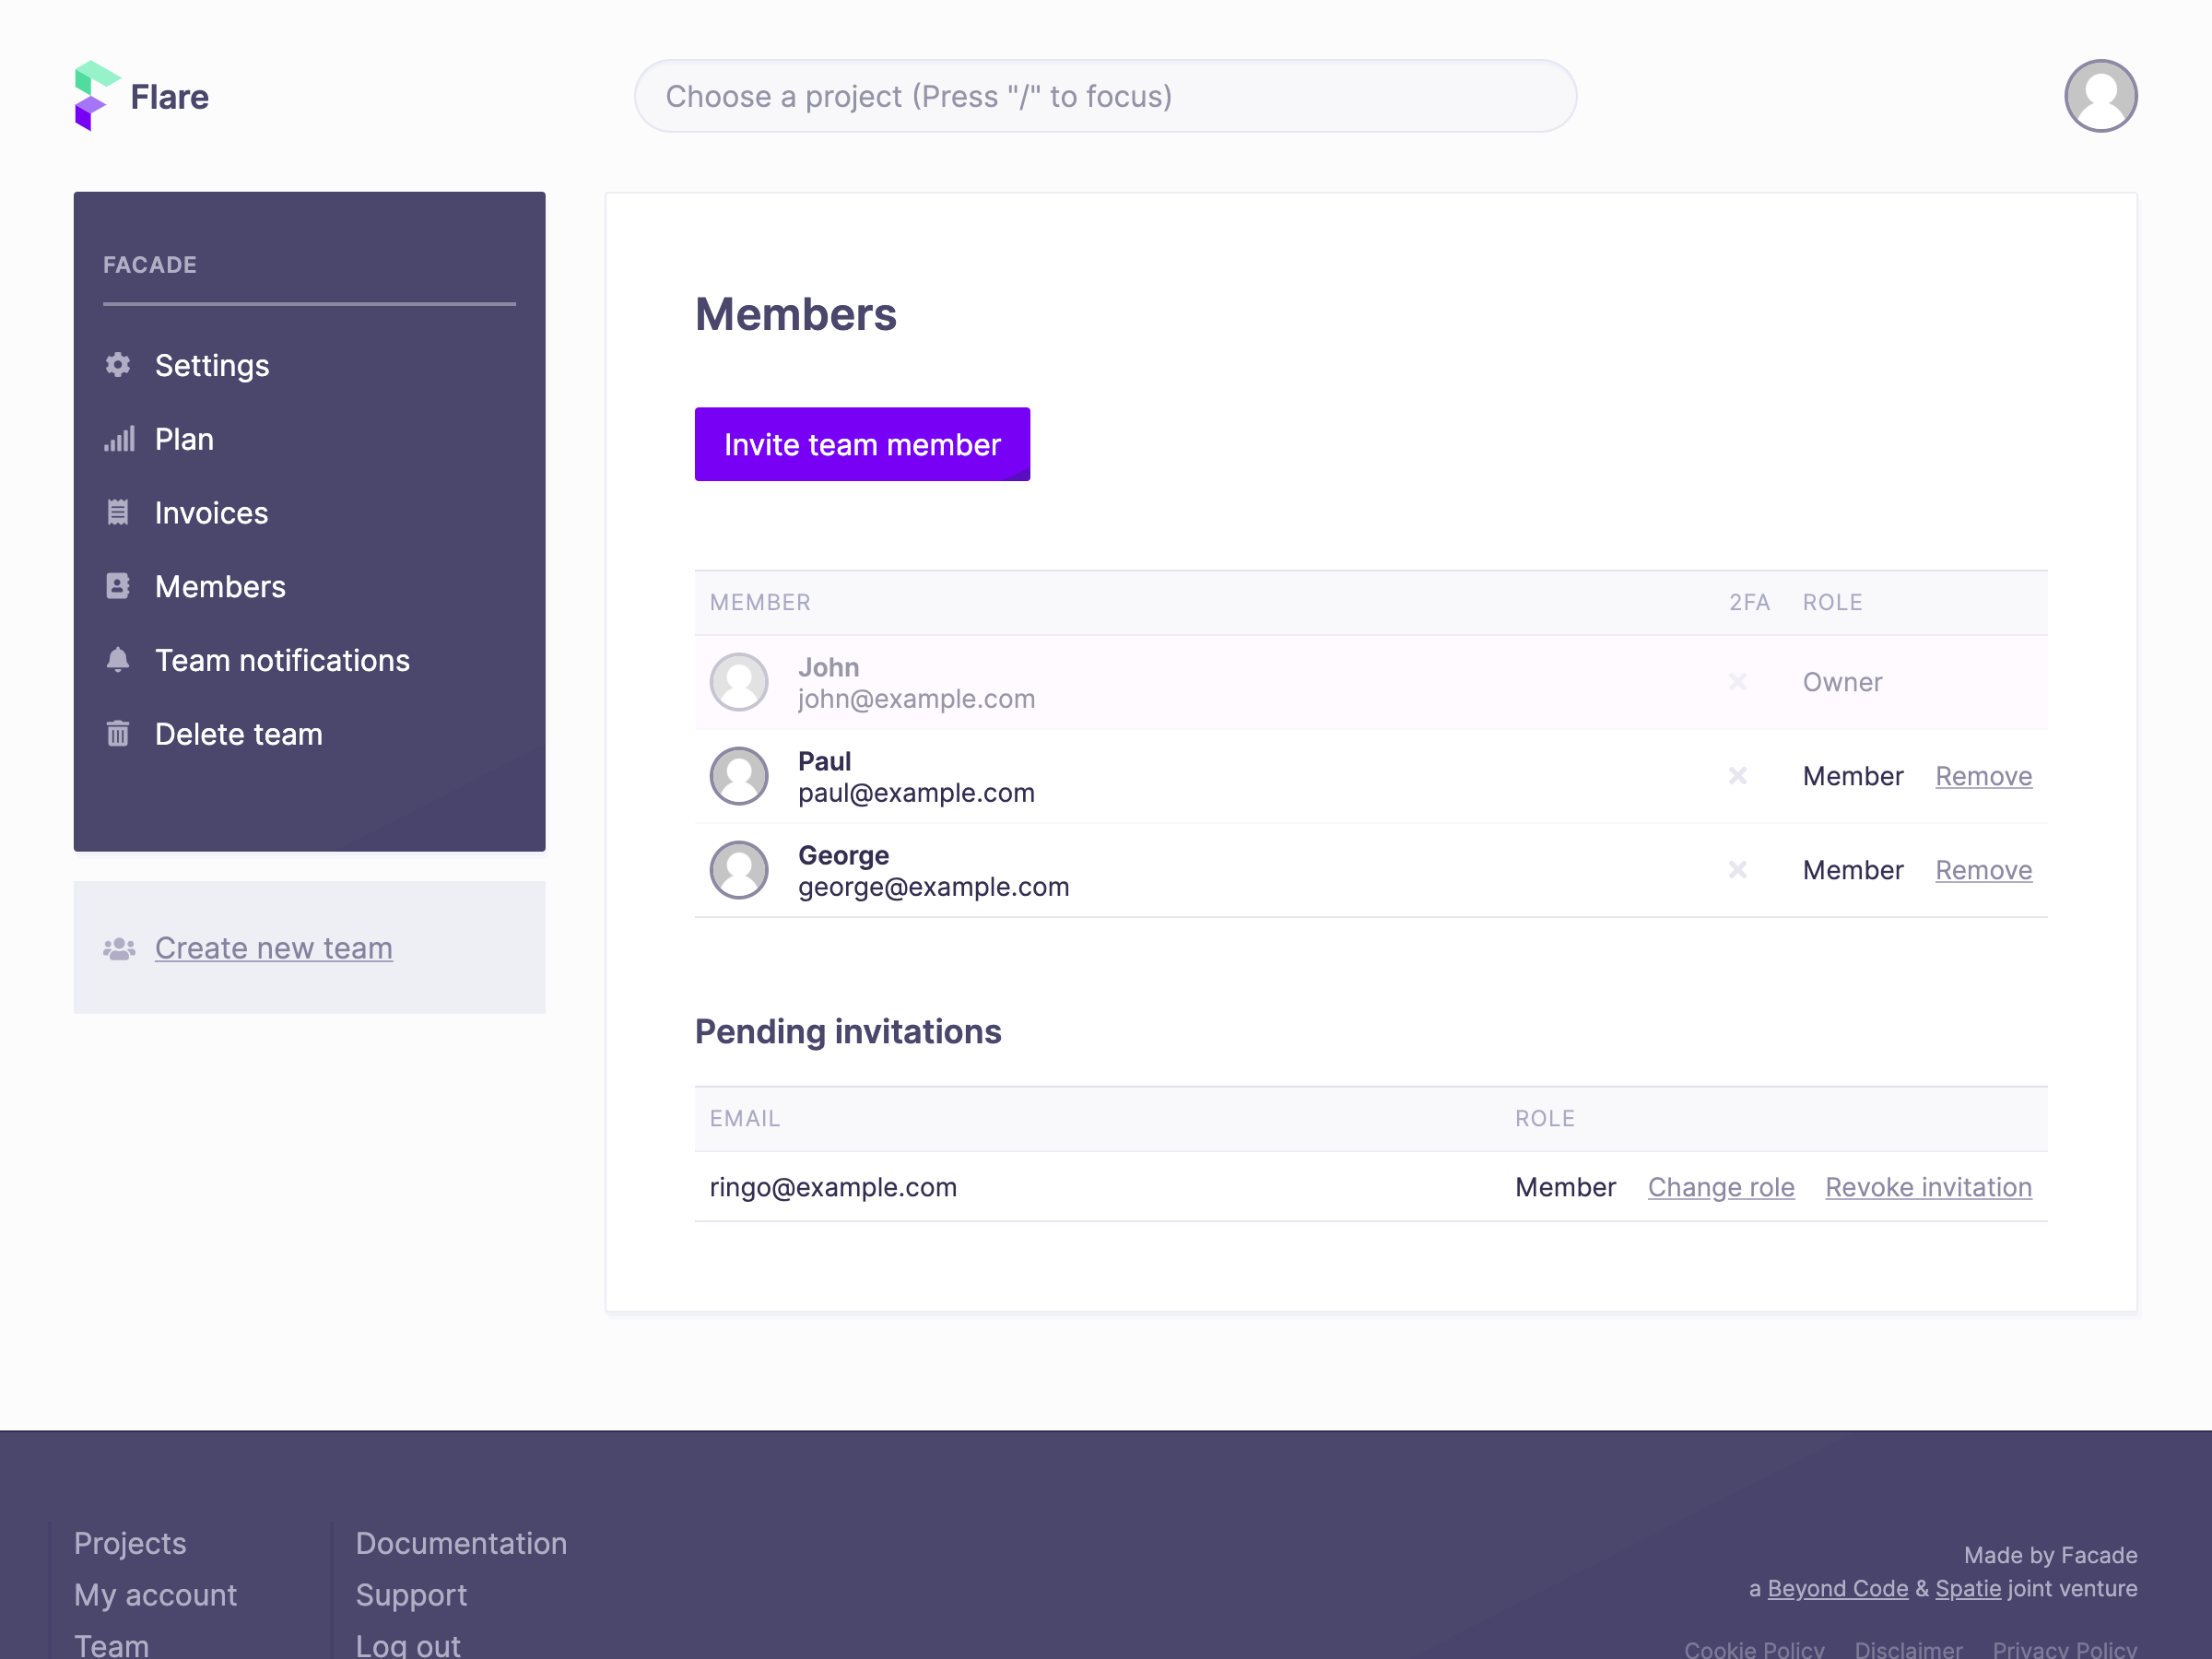 Screenshot of members screen